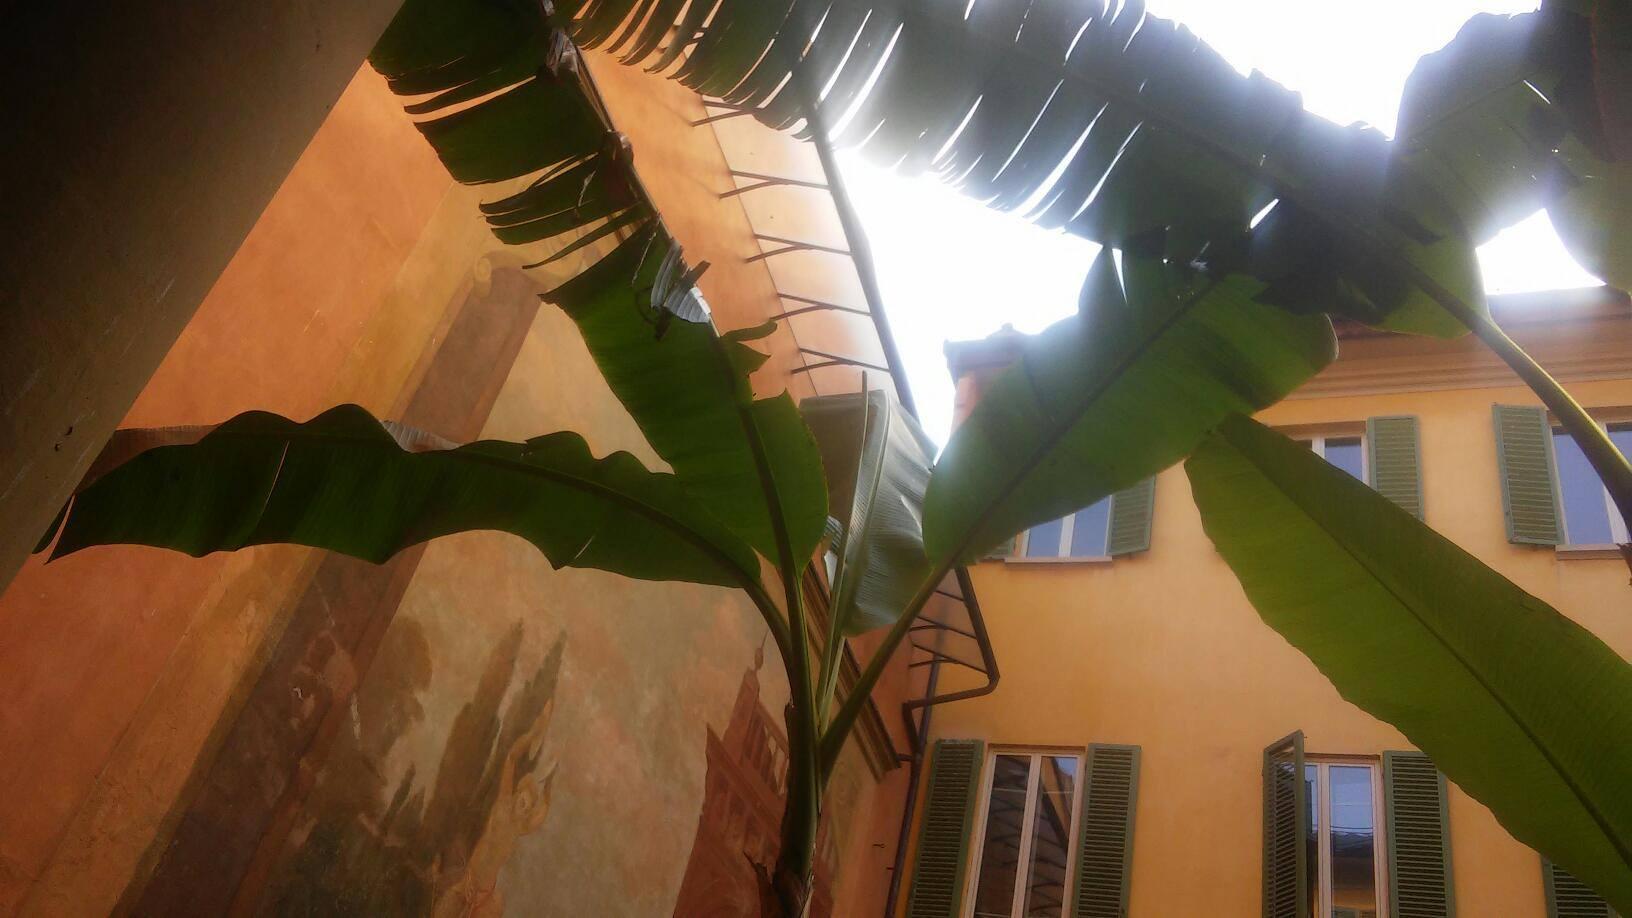 Foglie di banano giapponese adulto, parte superiore della pianta Musa basjoo